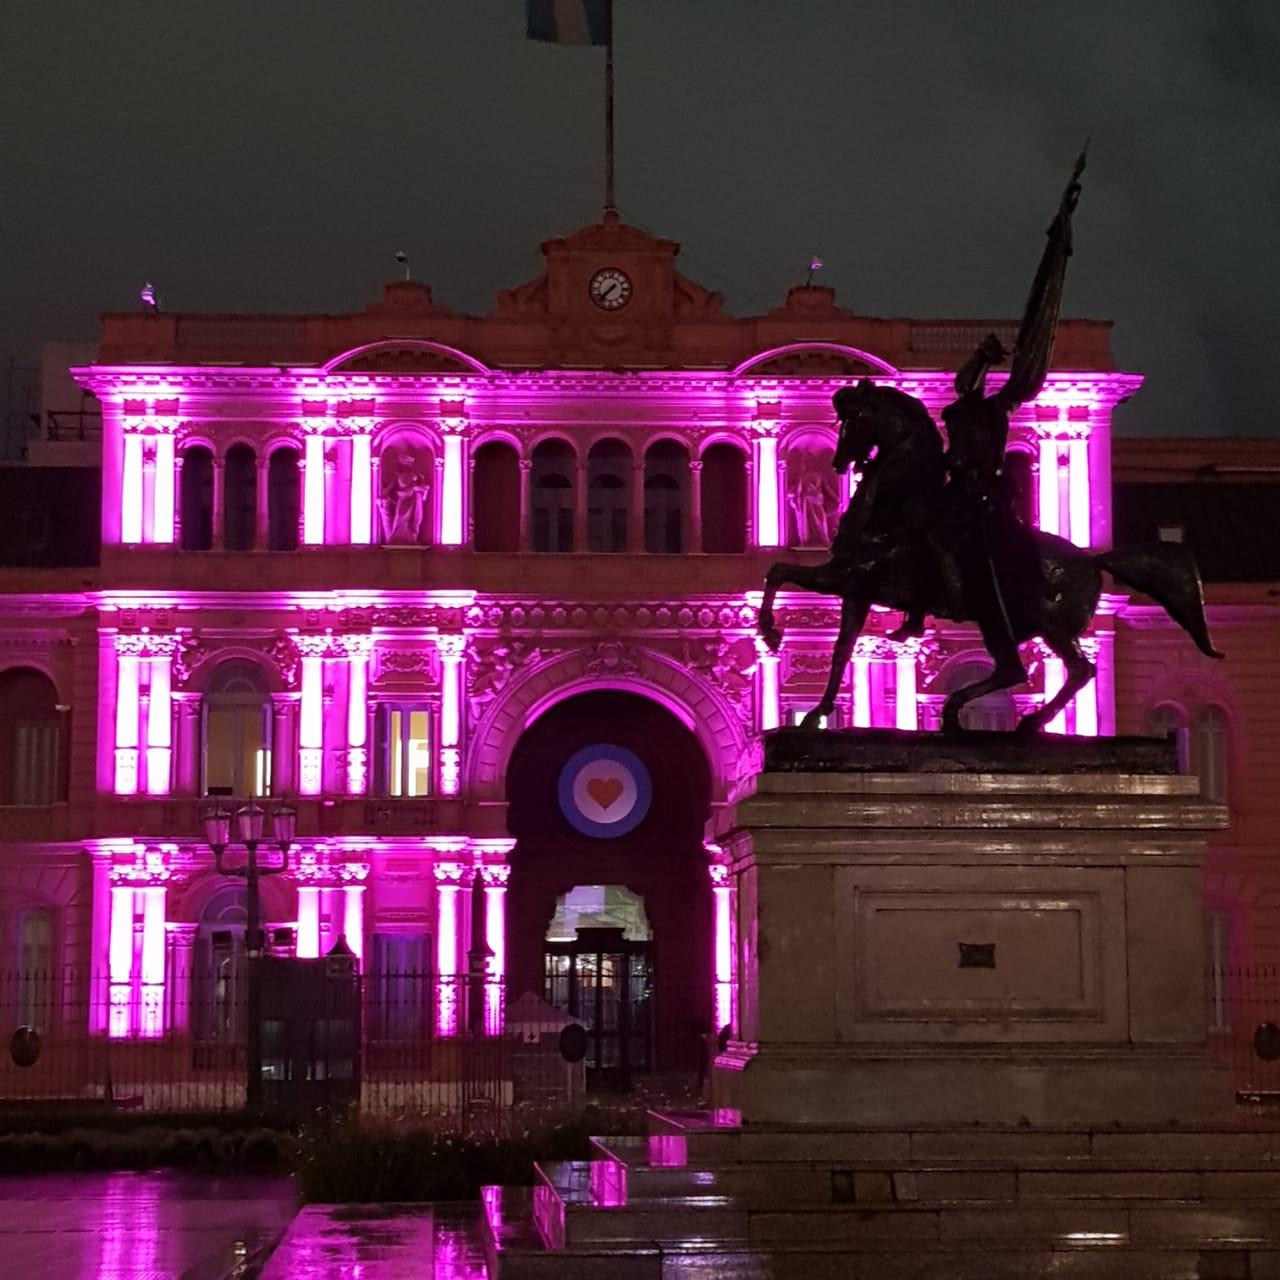 El frente de la sede oficial del Gobierno Nacional, ubicada en la icónica Plaza de Mayo, se vio hoy más rosada que nunca a propósito del mes por la lucha contra el Cáncer de Mama